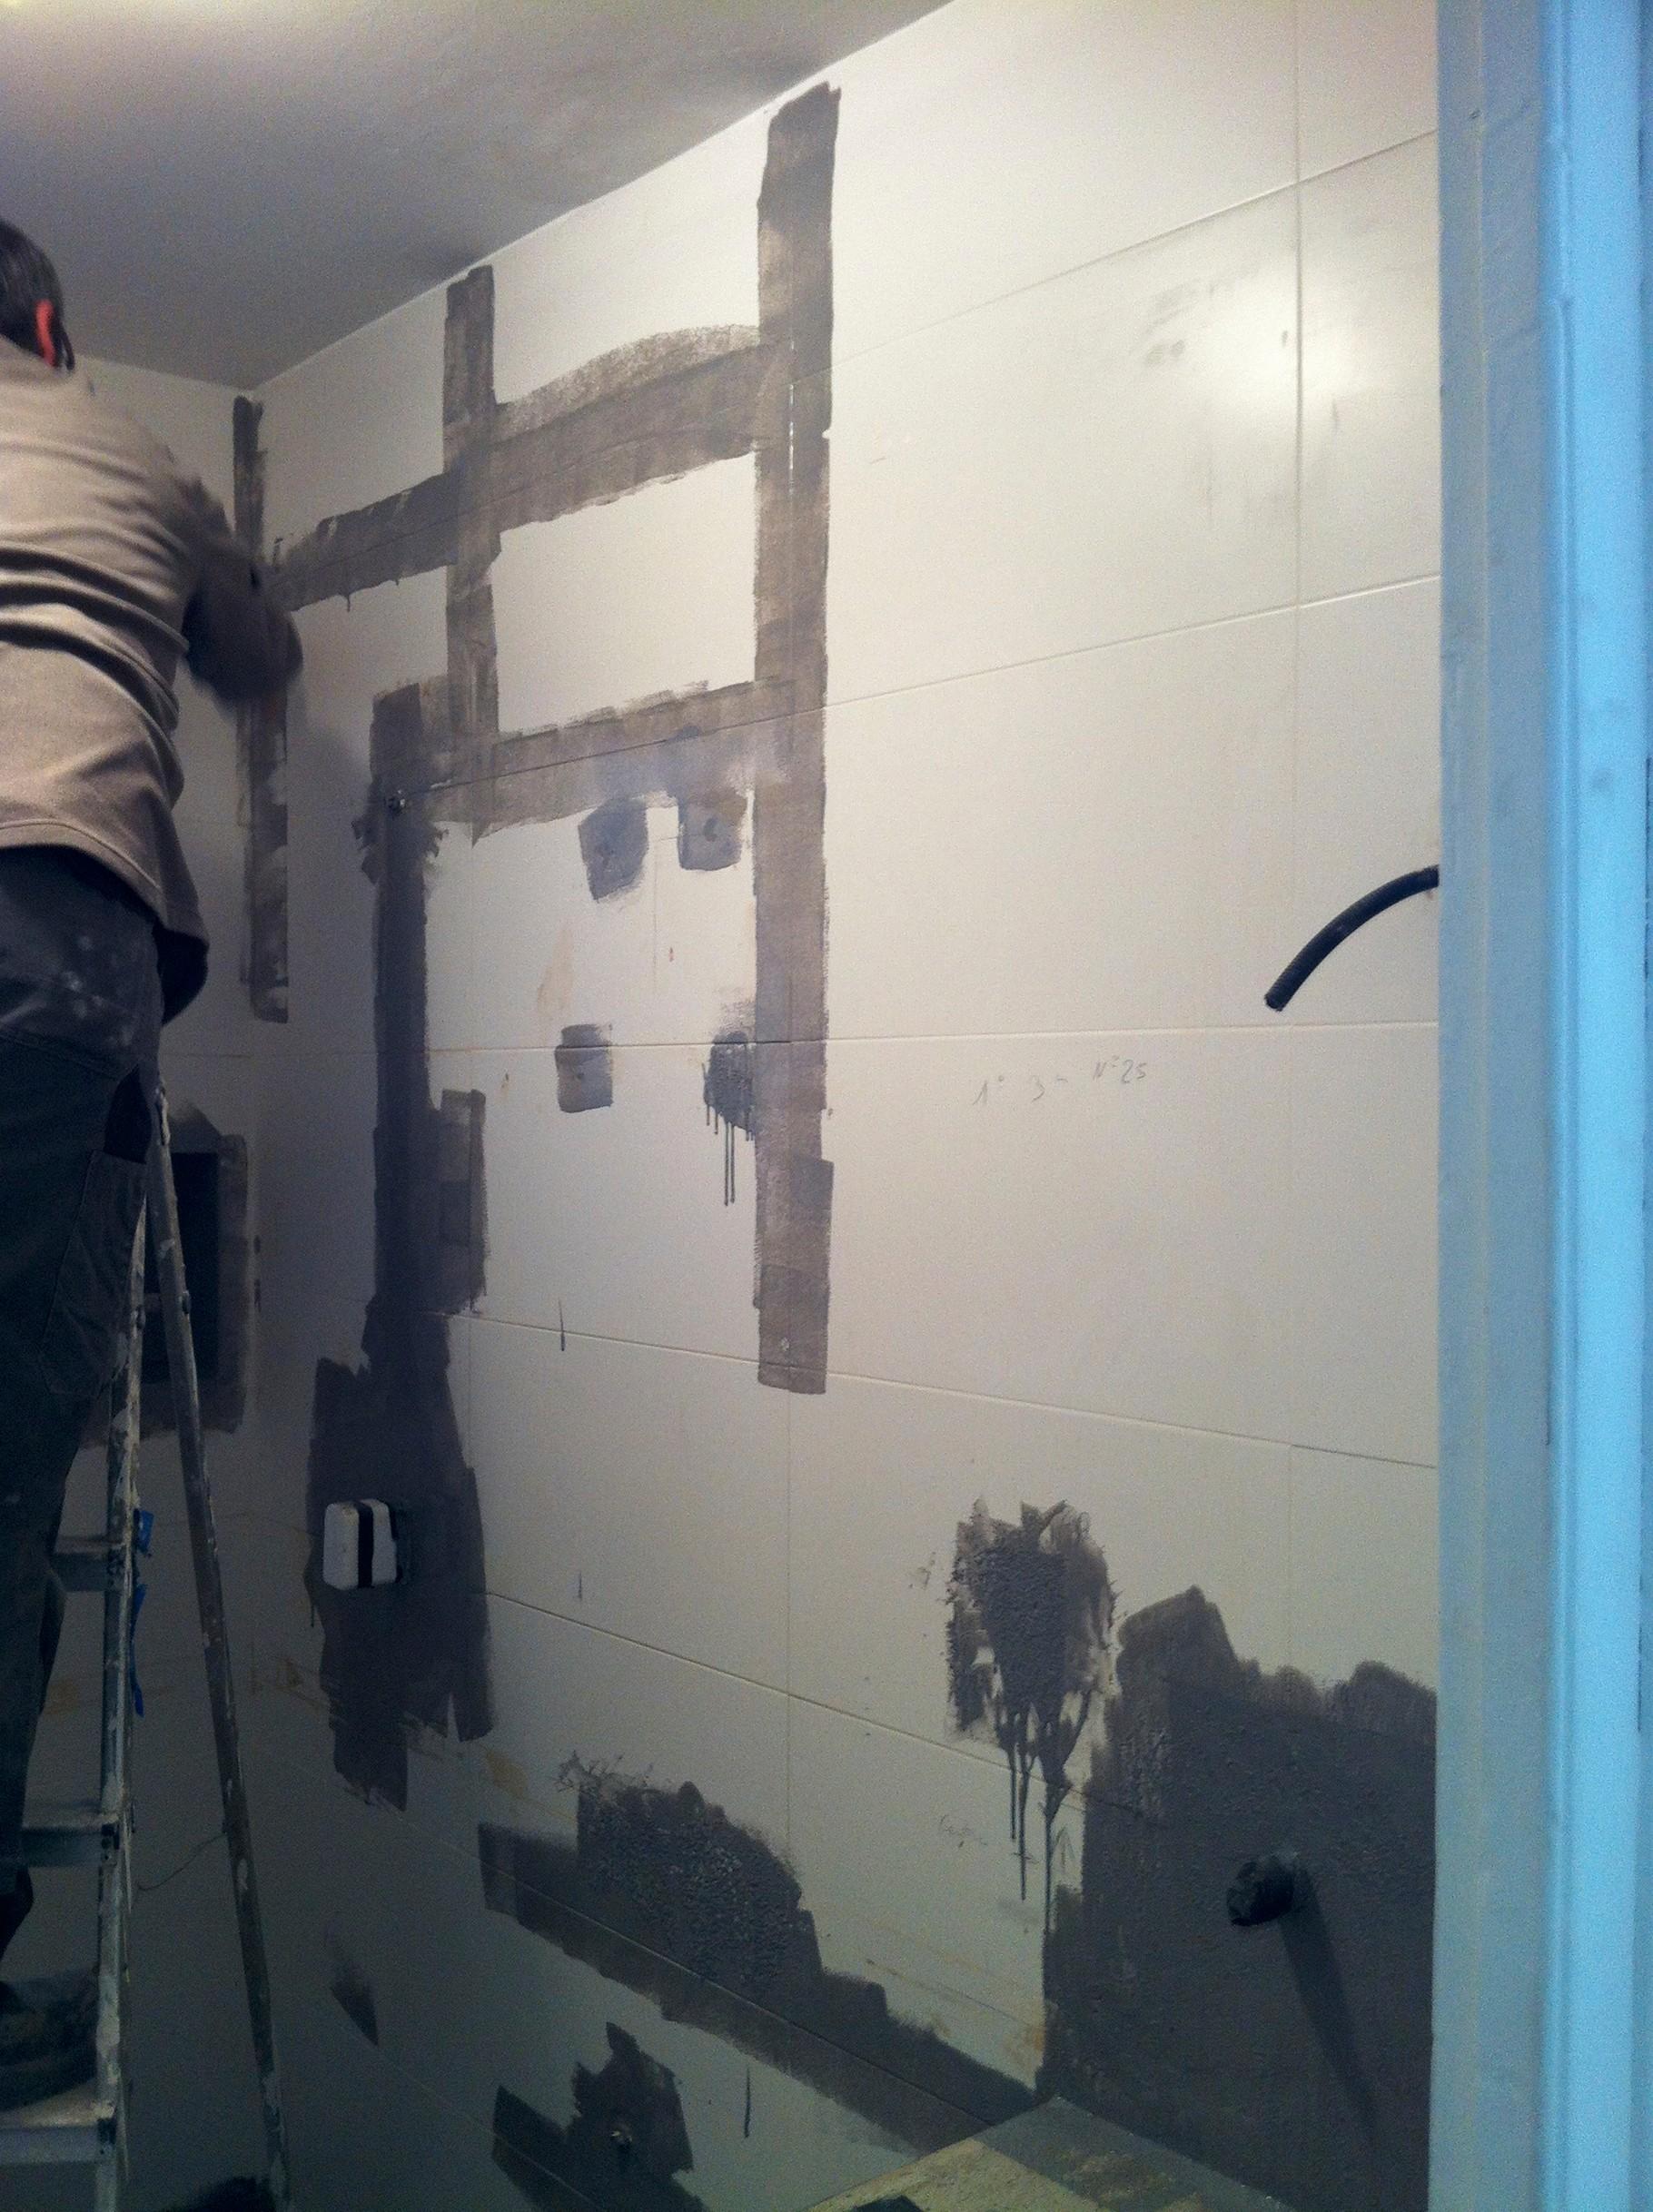 Microcemento sobre azulejos grupo pavin - Microcemento sobre azulejos ...